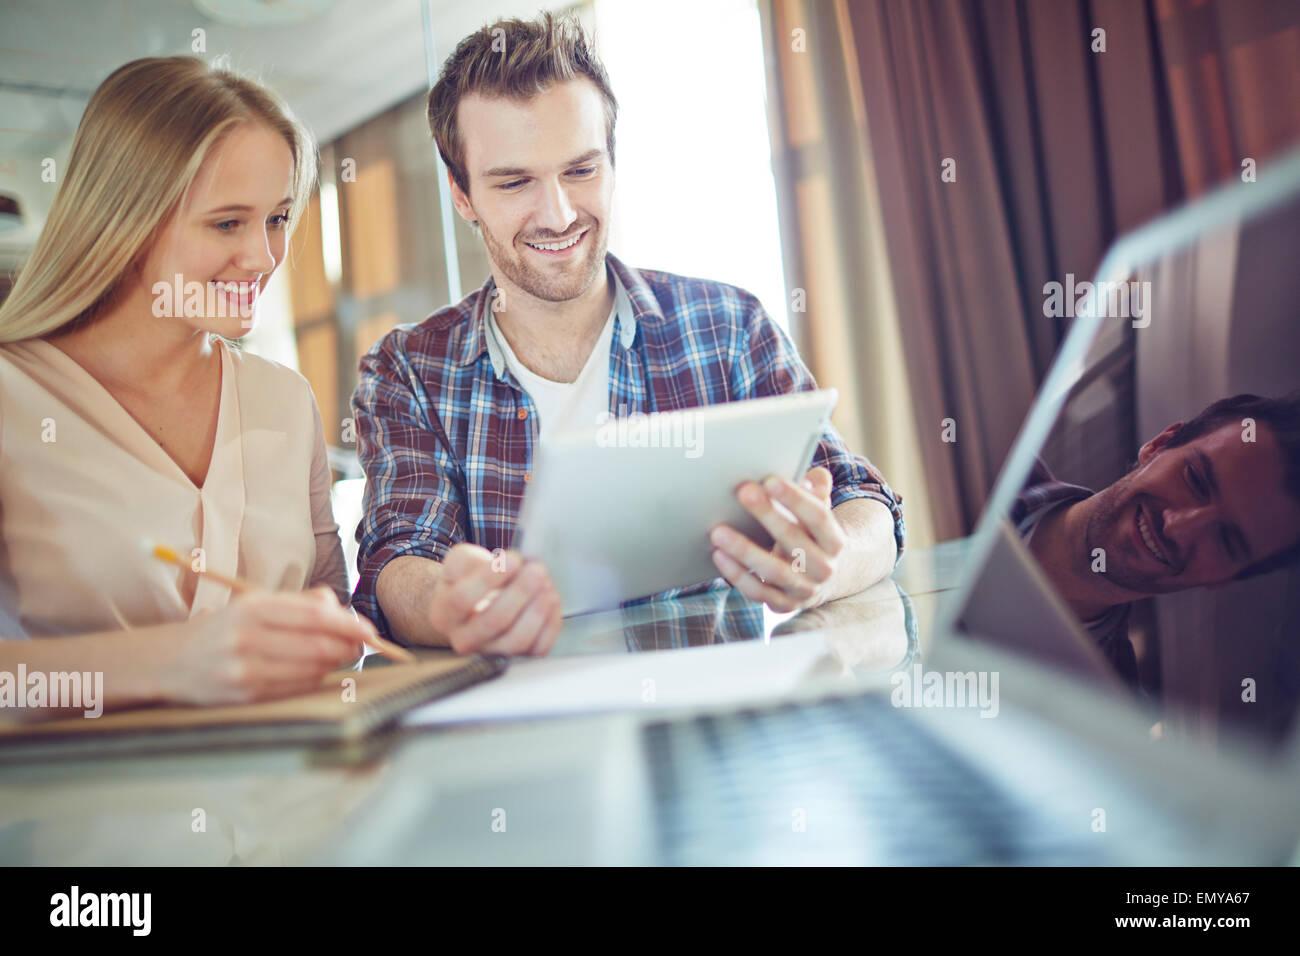 Los empleados jóvenes mirando a través de los datos de panel táctil en reunión Imagen De Stock